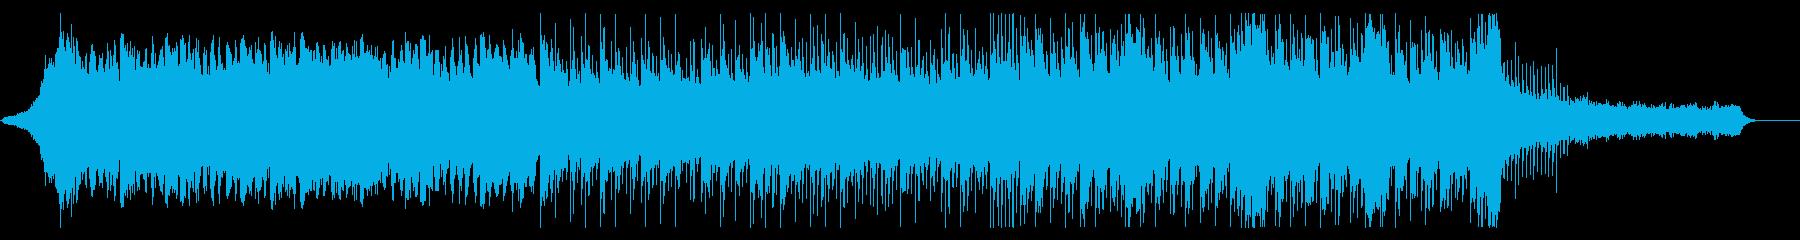 ビート感のあるシリアスなBGMの再生済みの波形